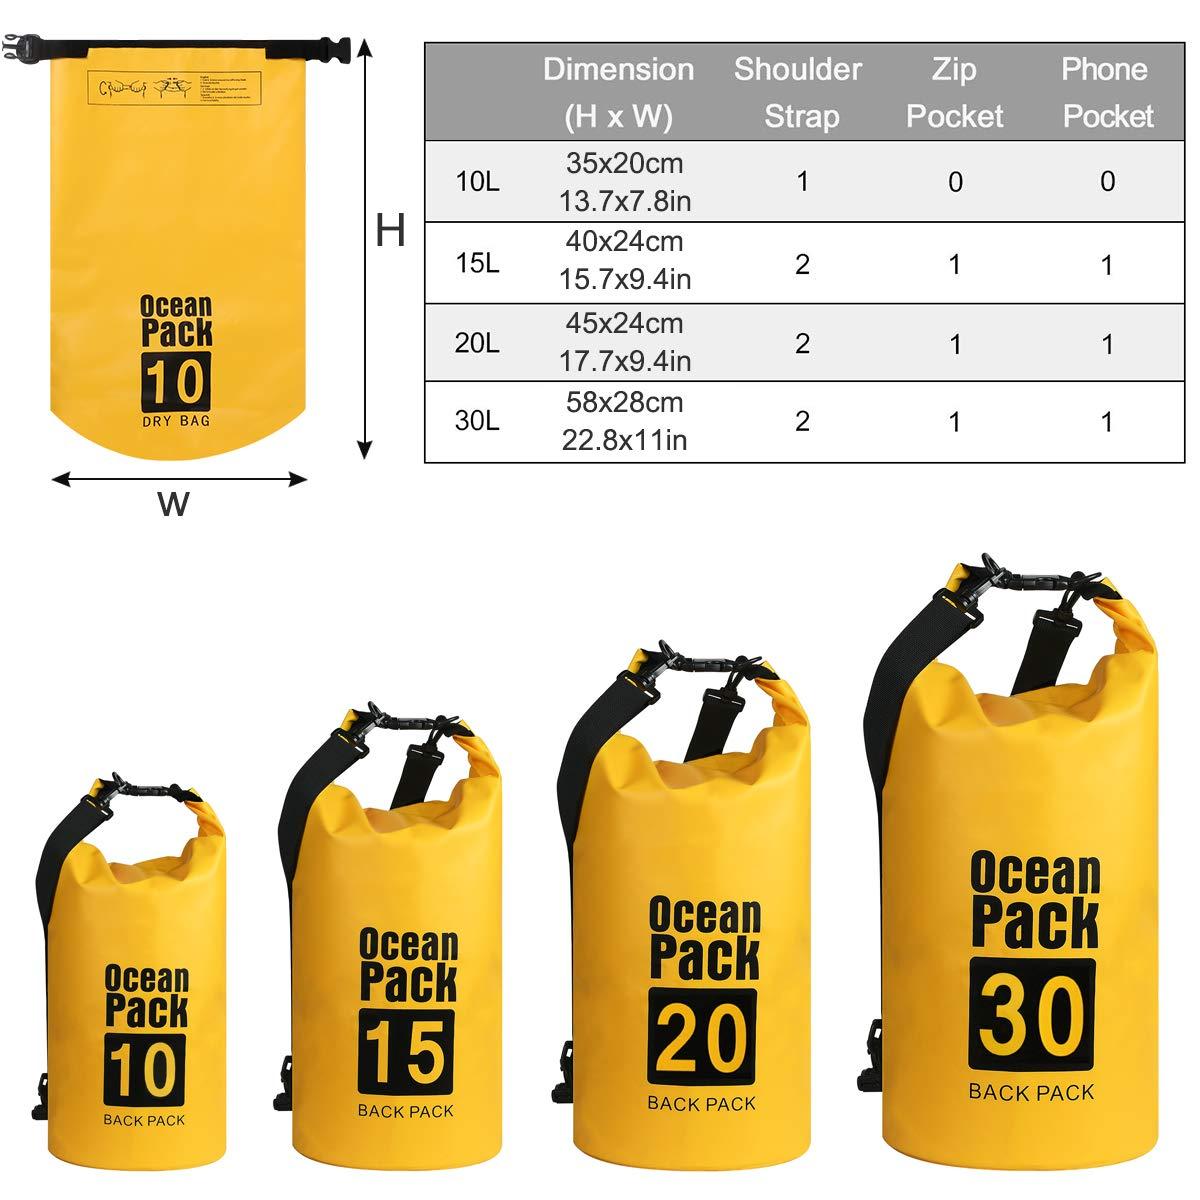 Increway 304/en acier inoxydable Hex Bride Assortiment de 130/pcs M3/M4/M6/M8/M10